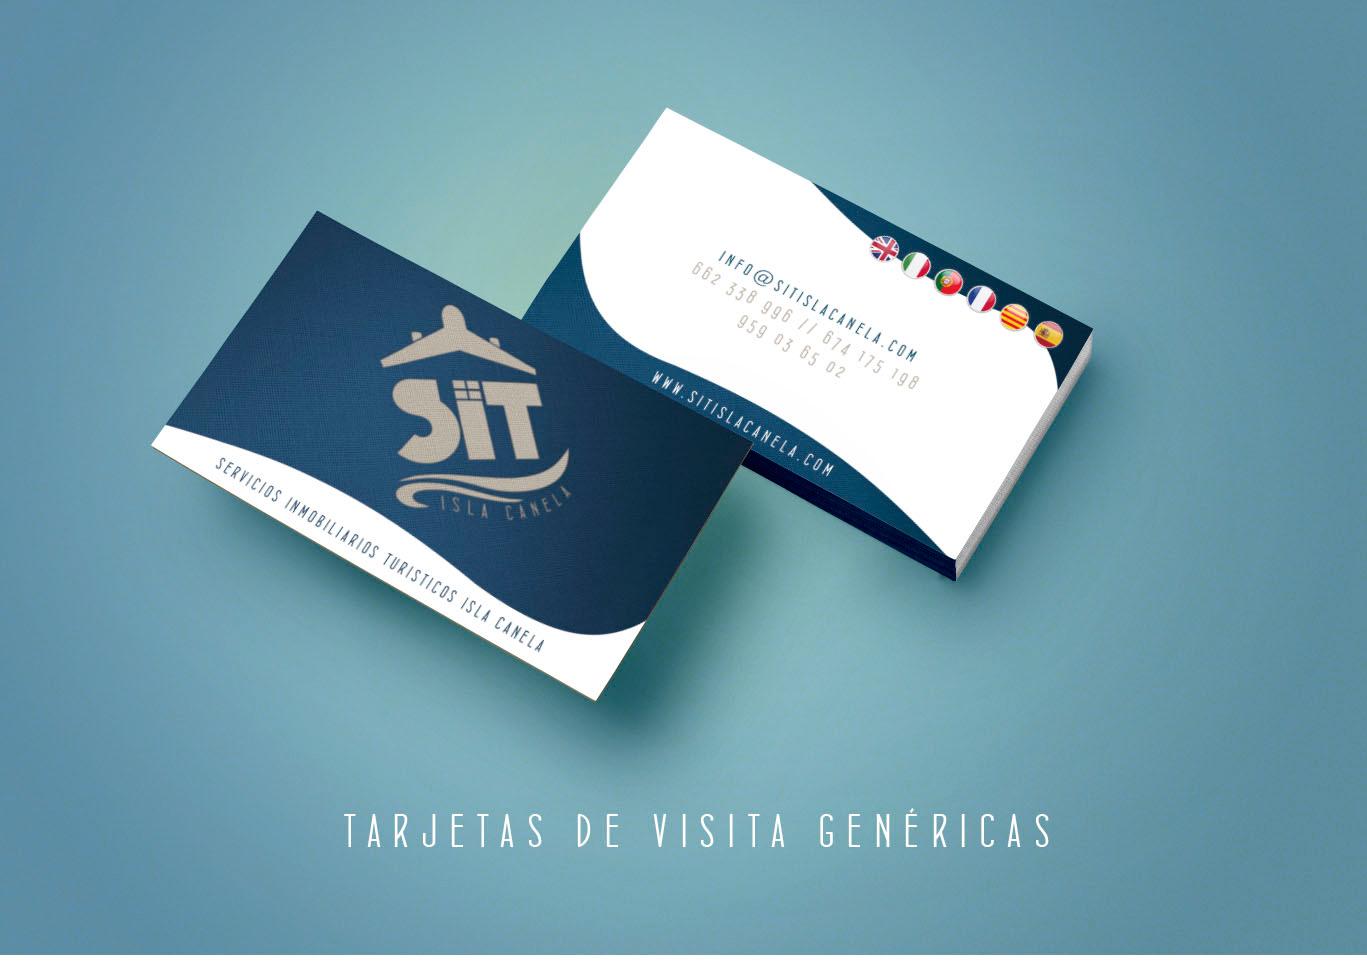 Diseño gráfico Albacete, diseño tarjetas de visita, impresión tarjetas de visita, SIT Isla Canela